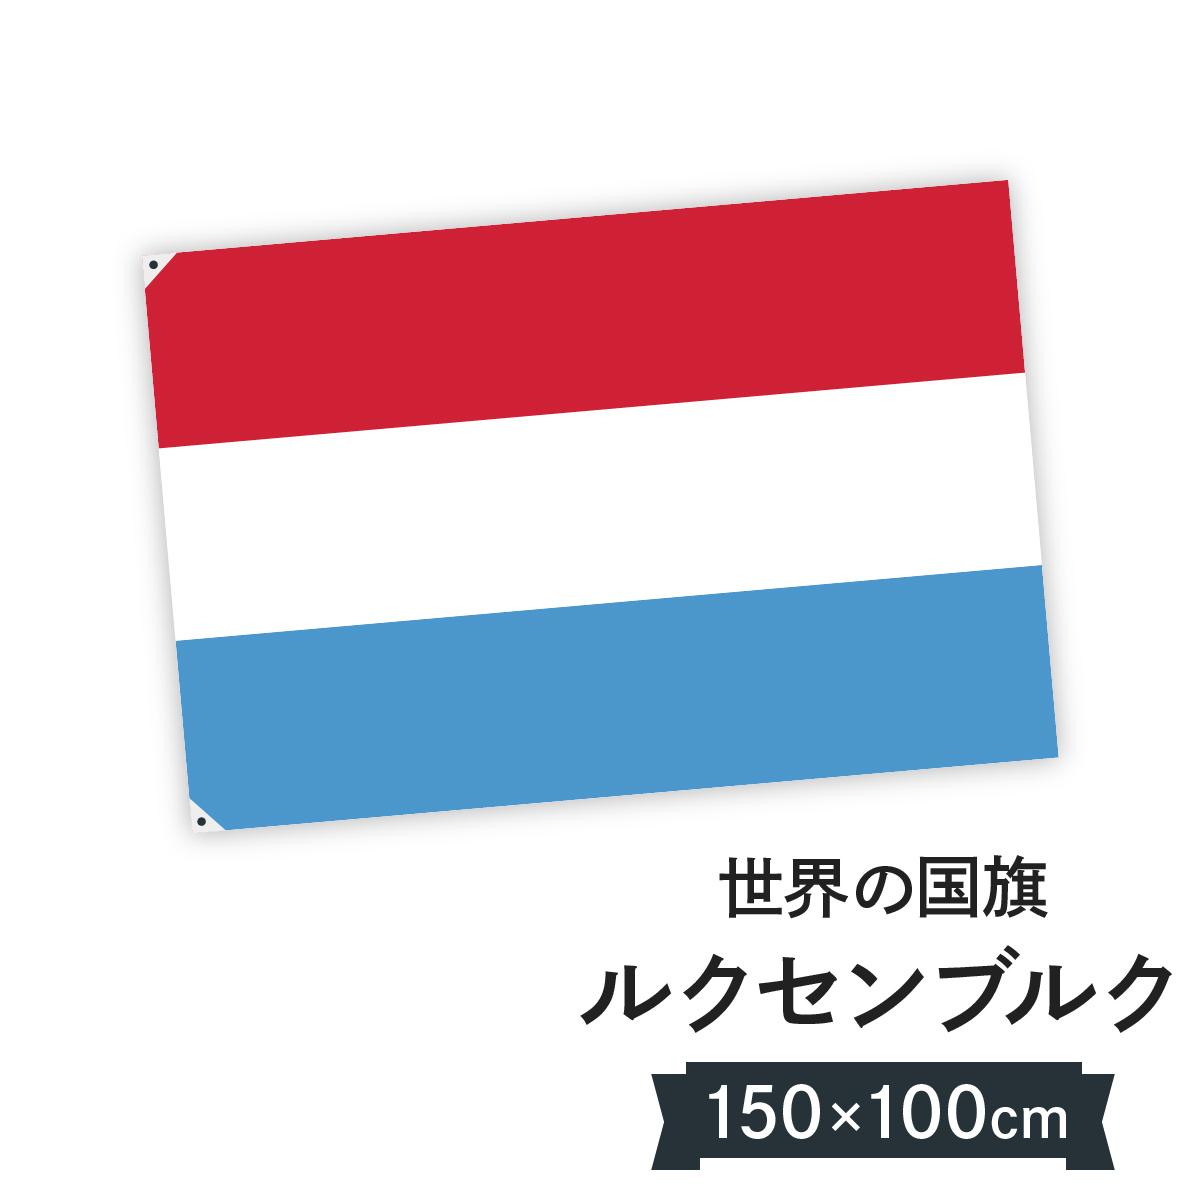 ルクセンブルク大公国 国旗 W150cm H100cm